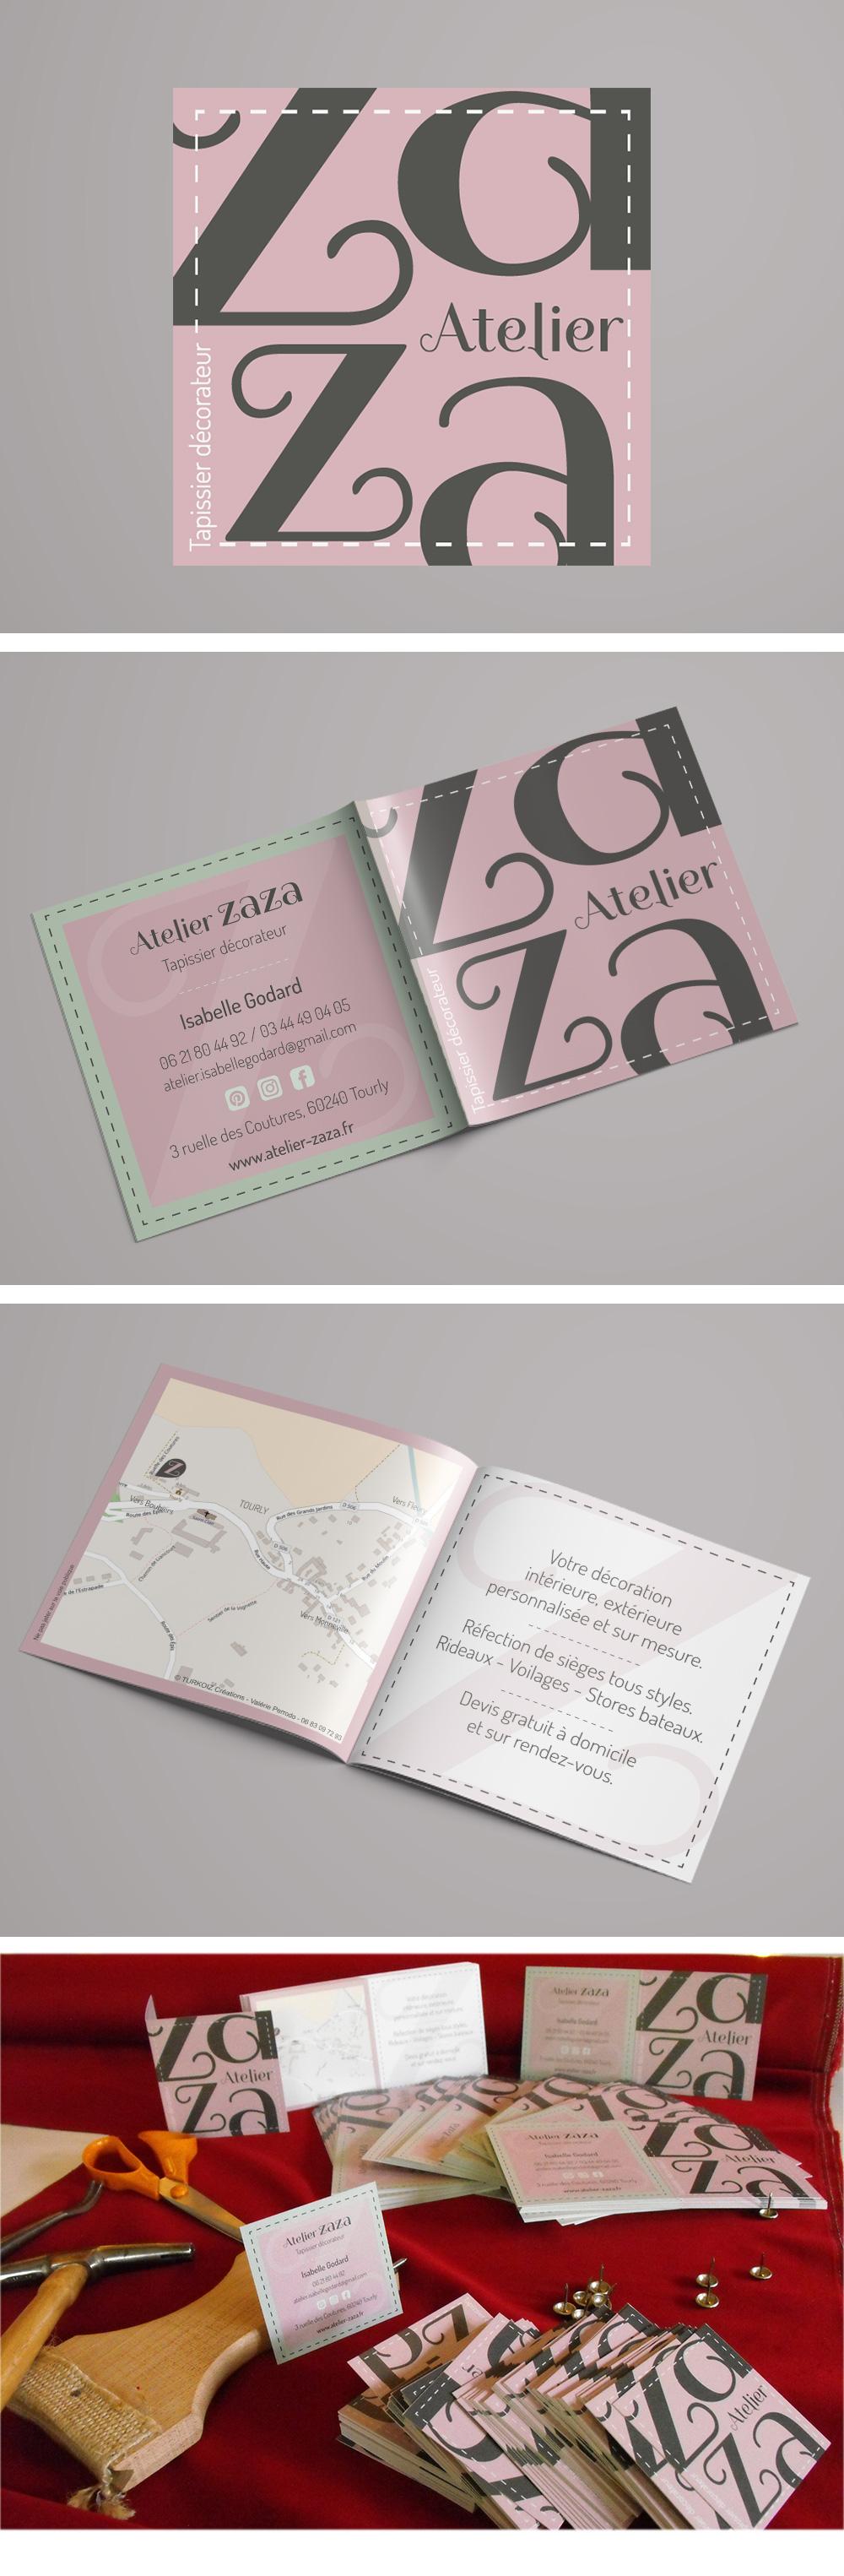 Identité visuelle - Atelier Zaza - Logo et carte de visite réalisés par Turkoiz Créations by Valérie Perrodo